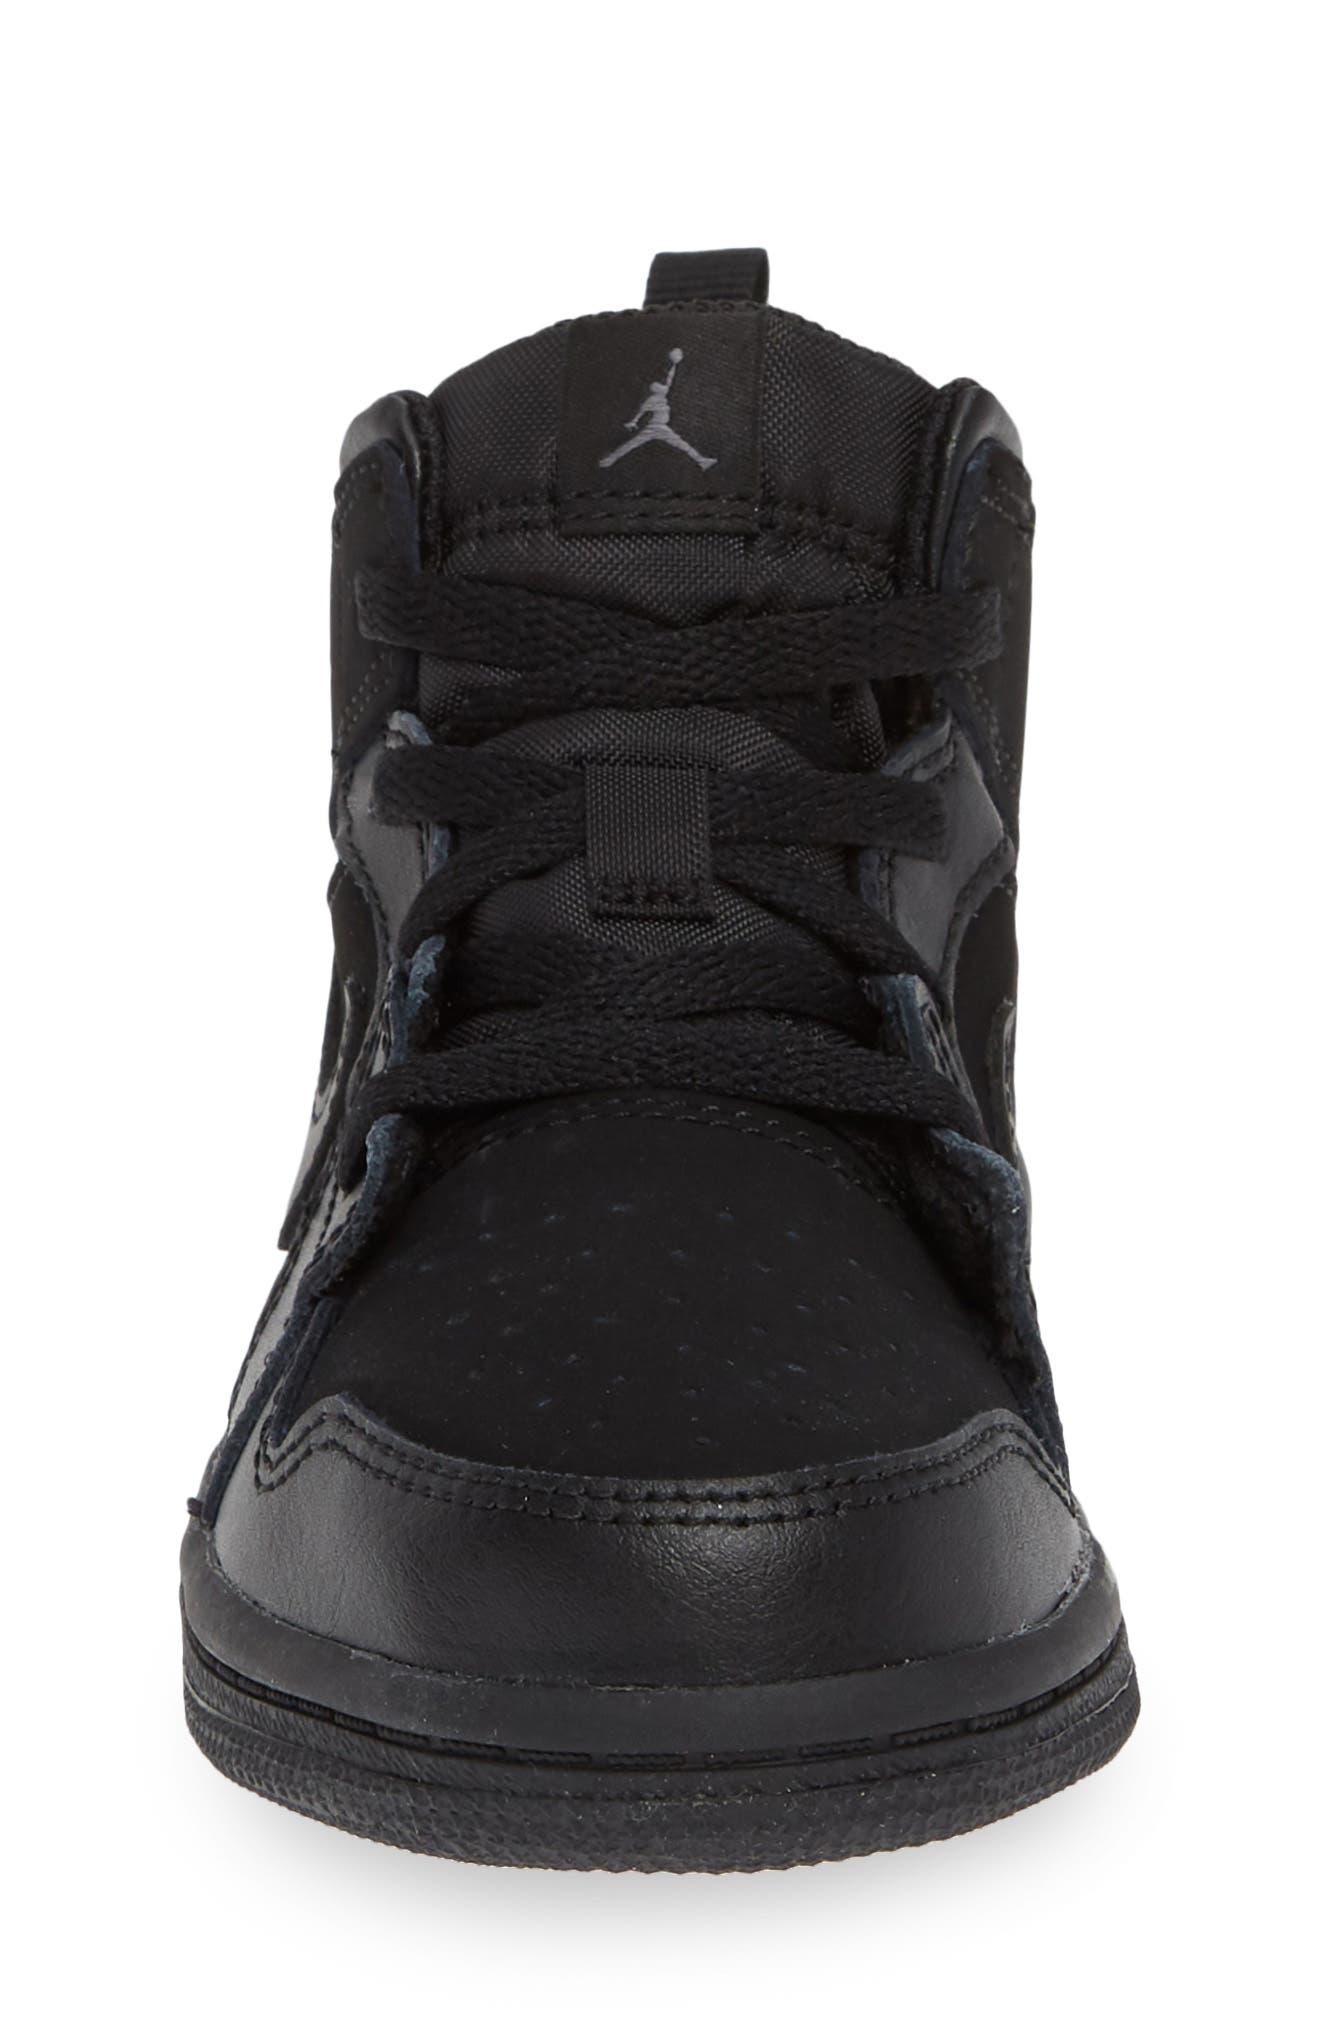 Nike 'Air Jordan 1 Mid' Sneaker,                             Alternate thumbnail 4, color,                             BLACK/ DARK GREY/ BLACK